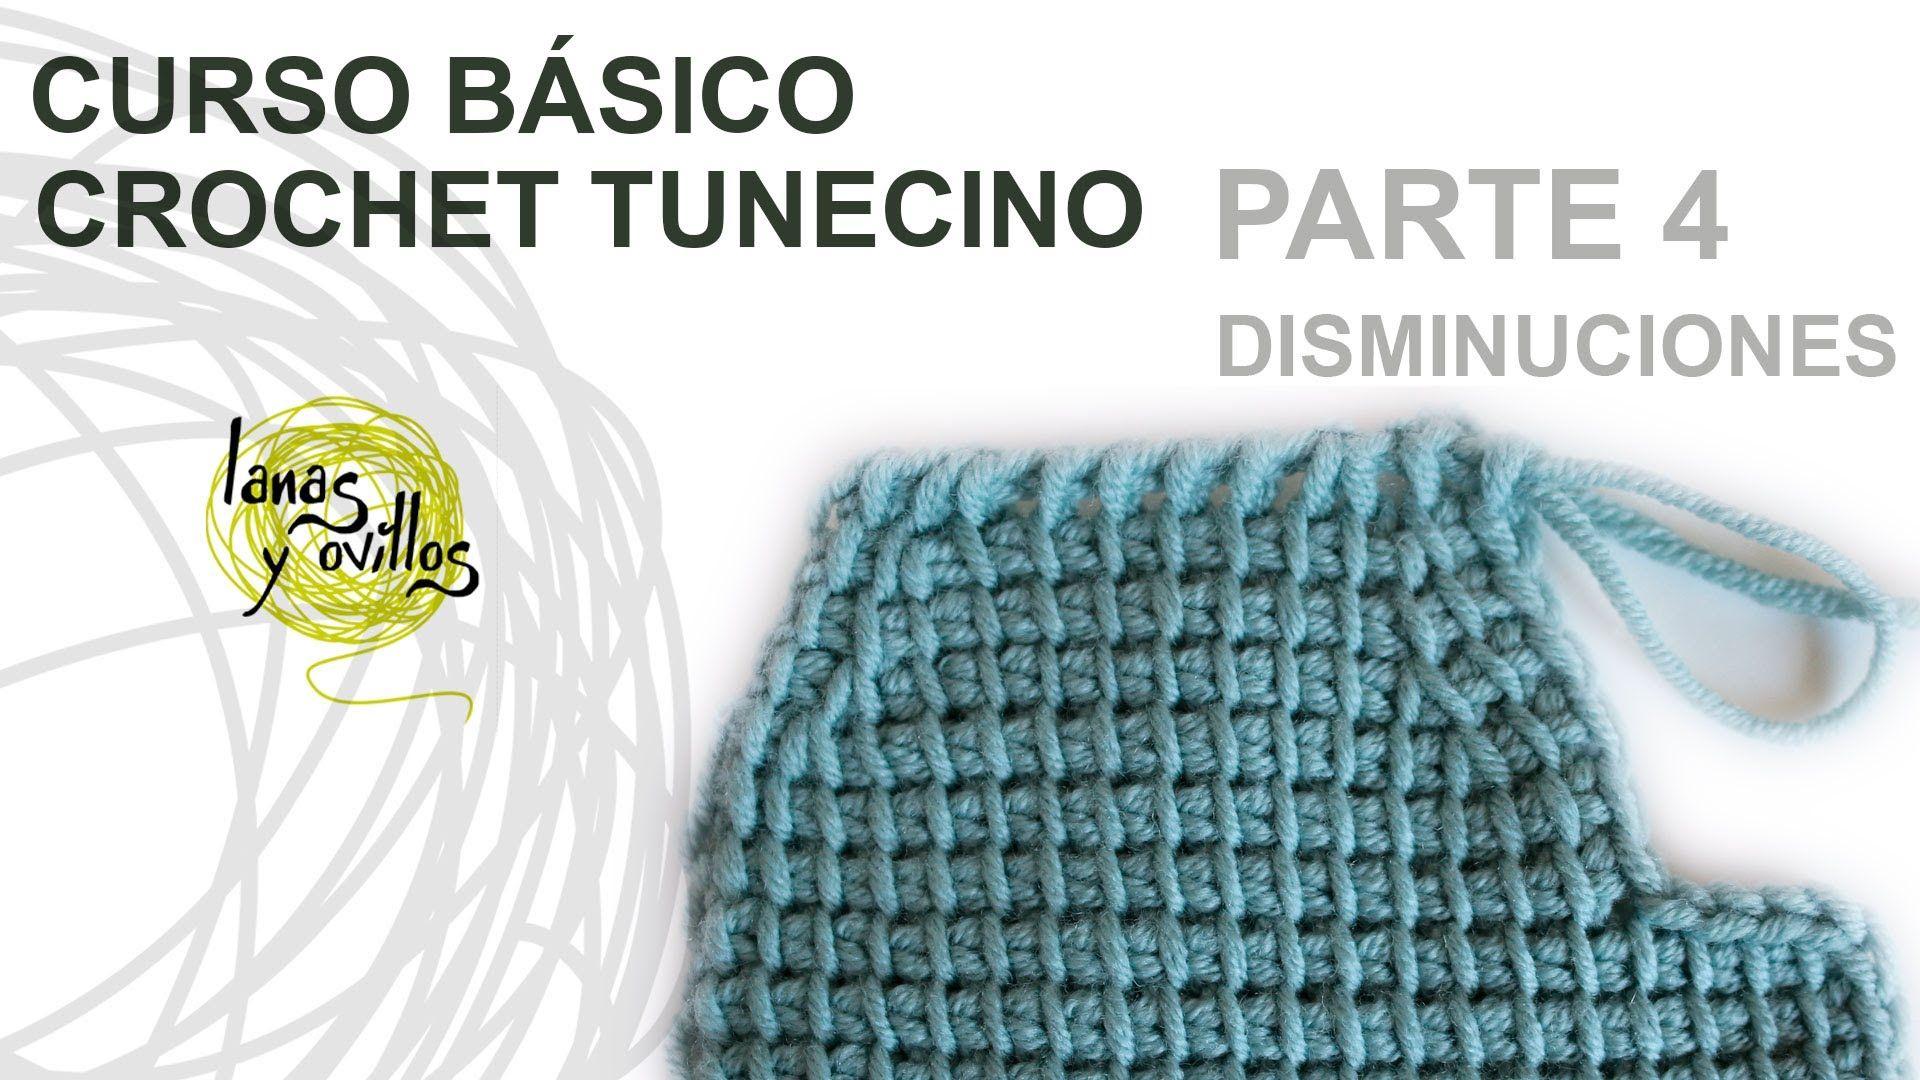 Curso Básico Crochet Tunecino: Parte 4 Disminuciones | crochet ...